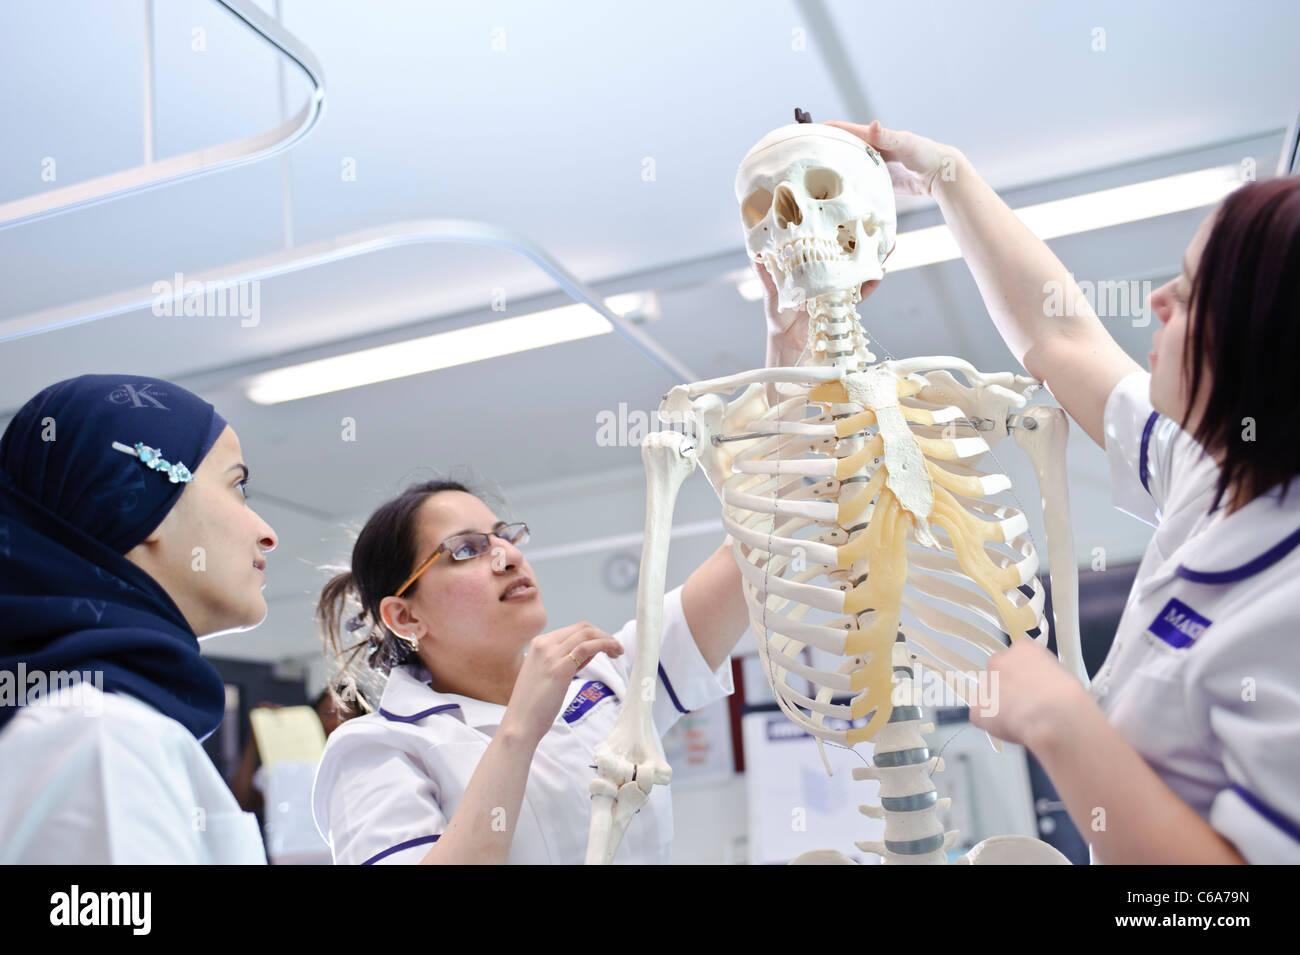 weiblichen Mischlinge Universität Krankenpflege Lernschwestern mit Dummy-menschliche anatomische Modell Skelett Stockbild